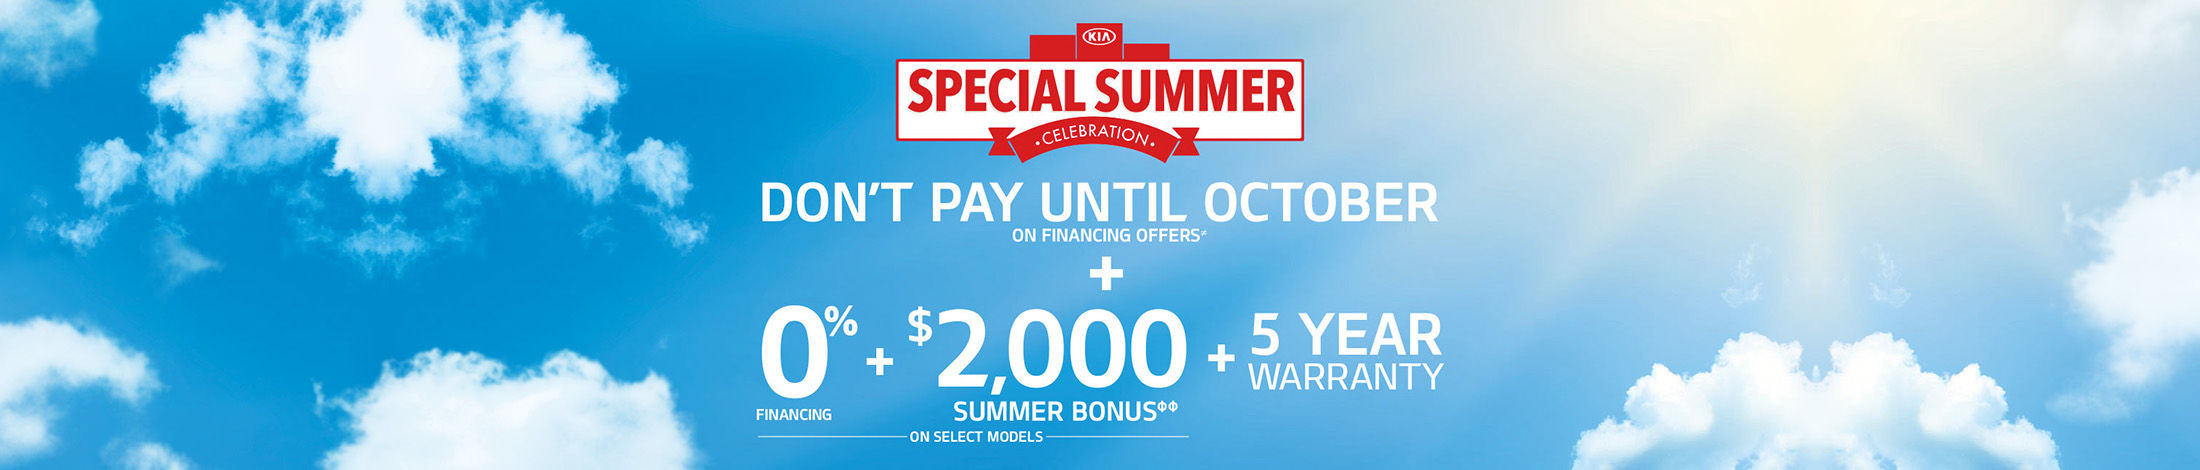 Kia special summer